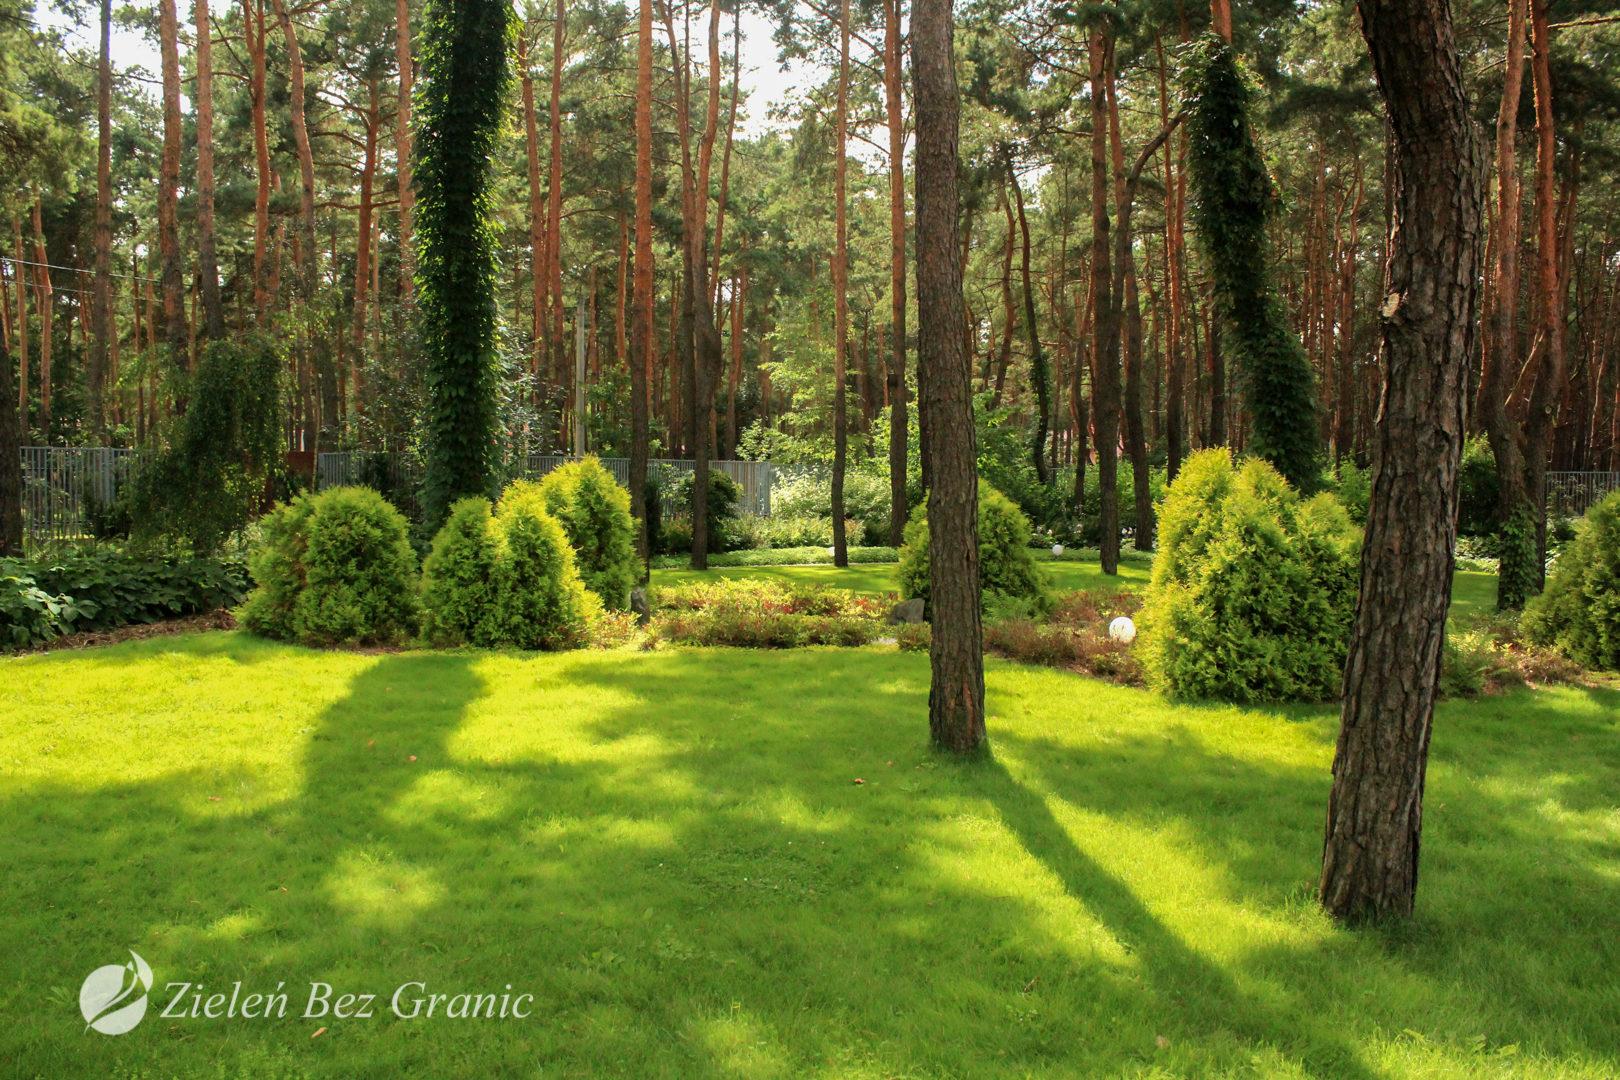 Ogród leśny wpisany w otoczenie.